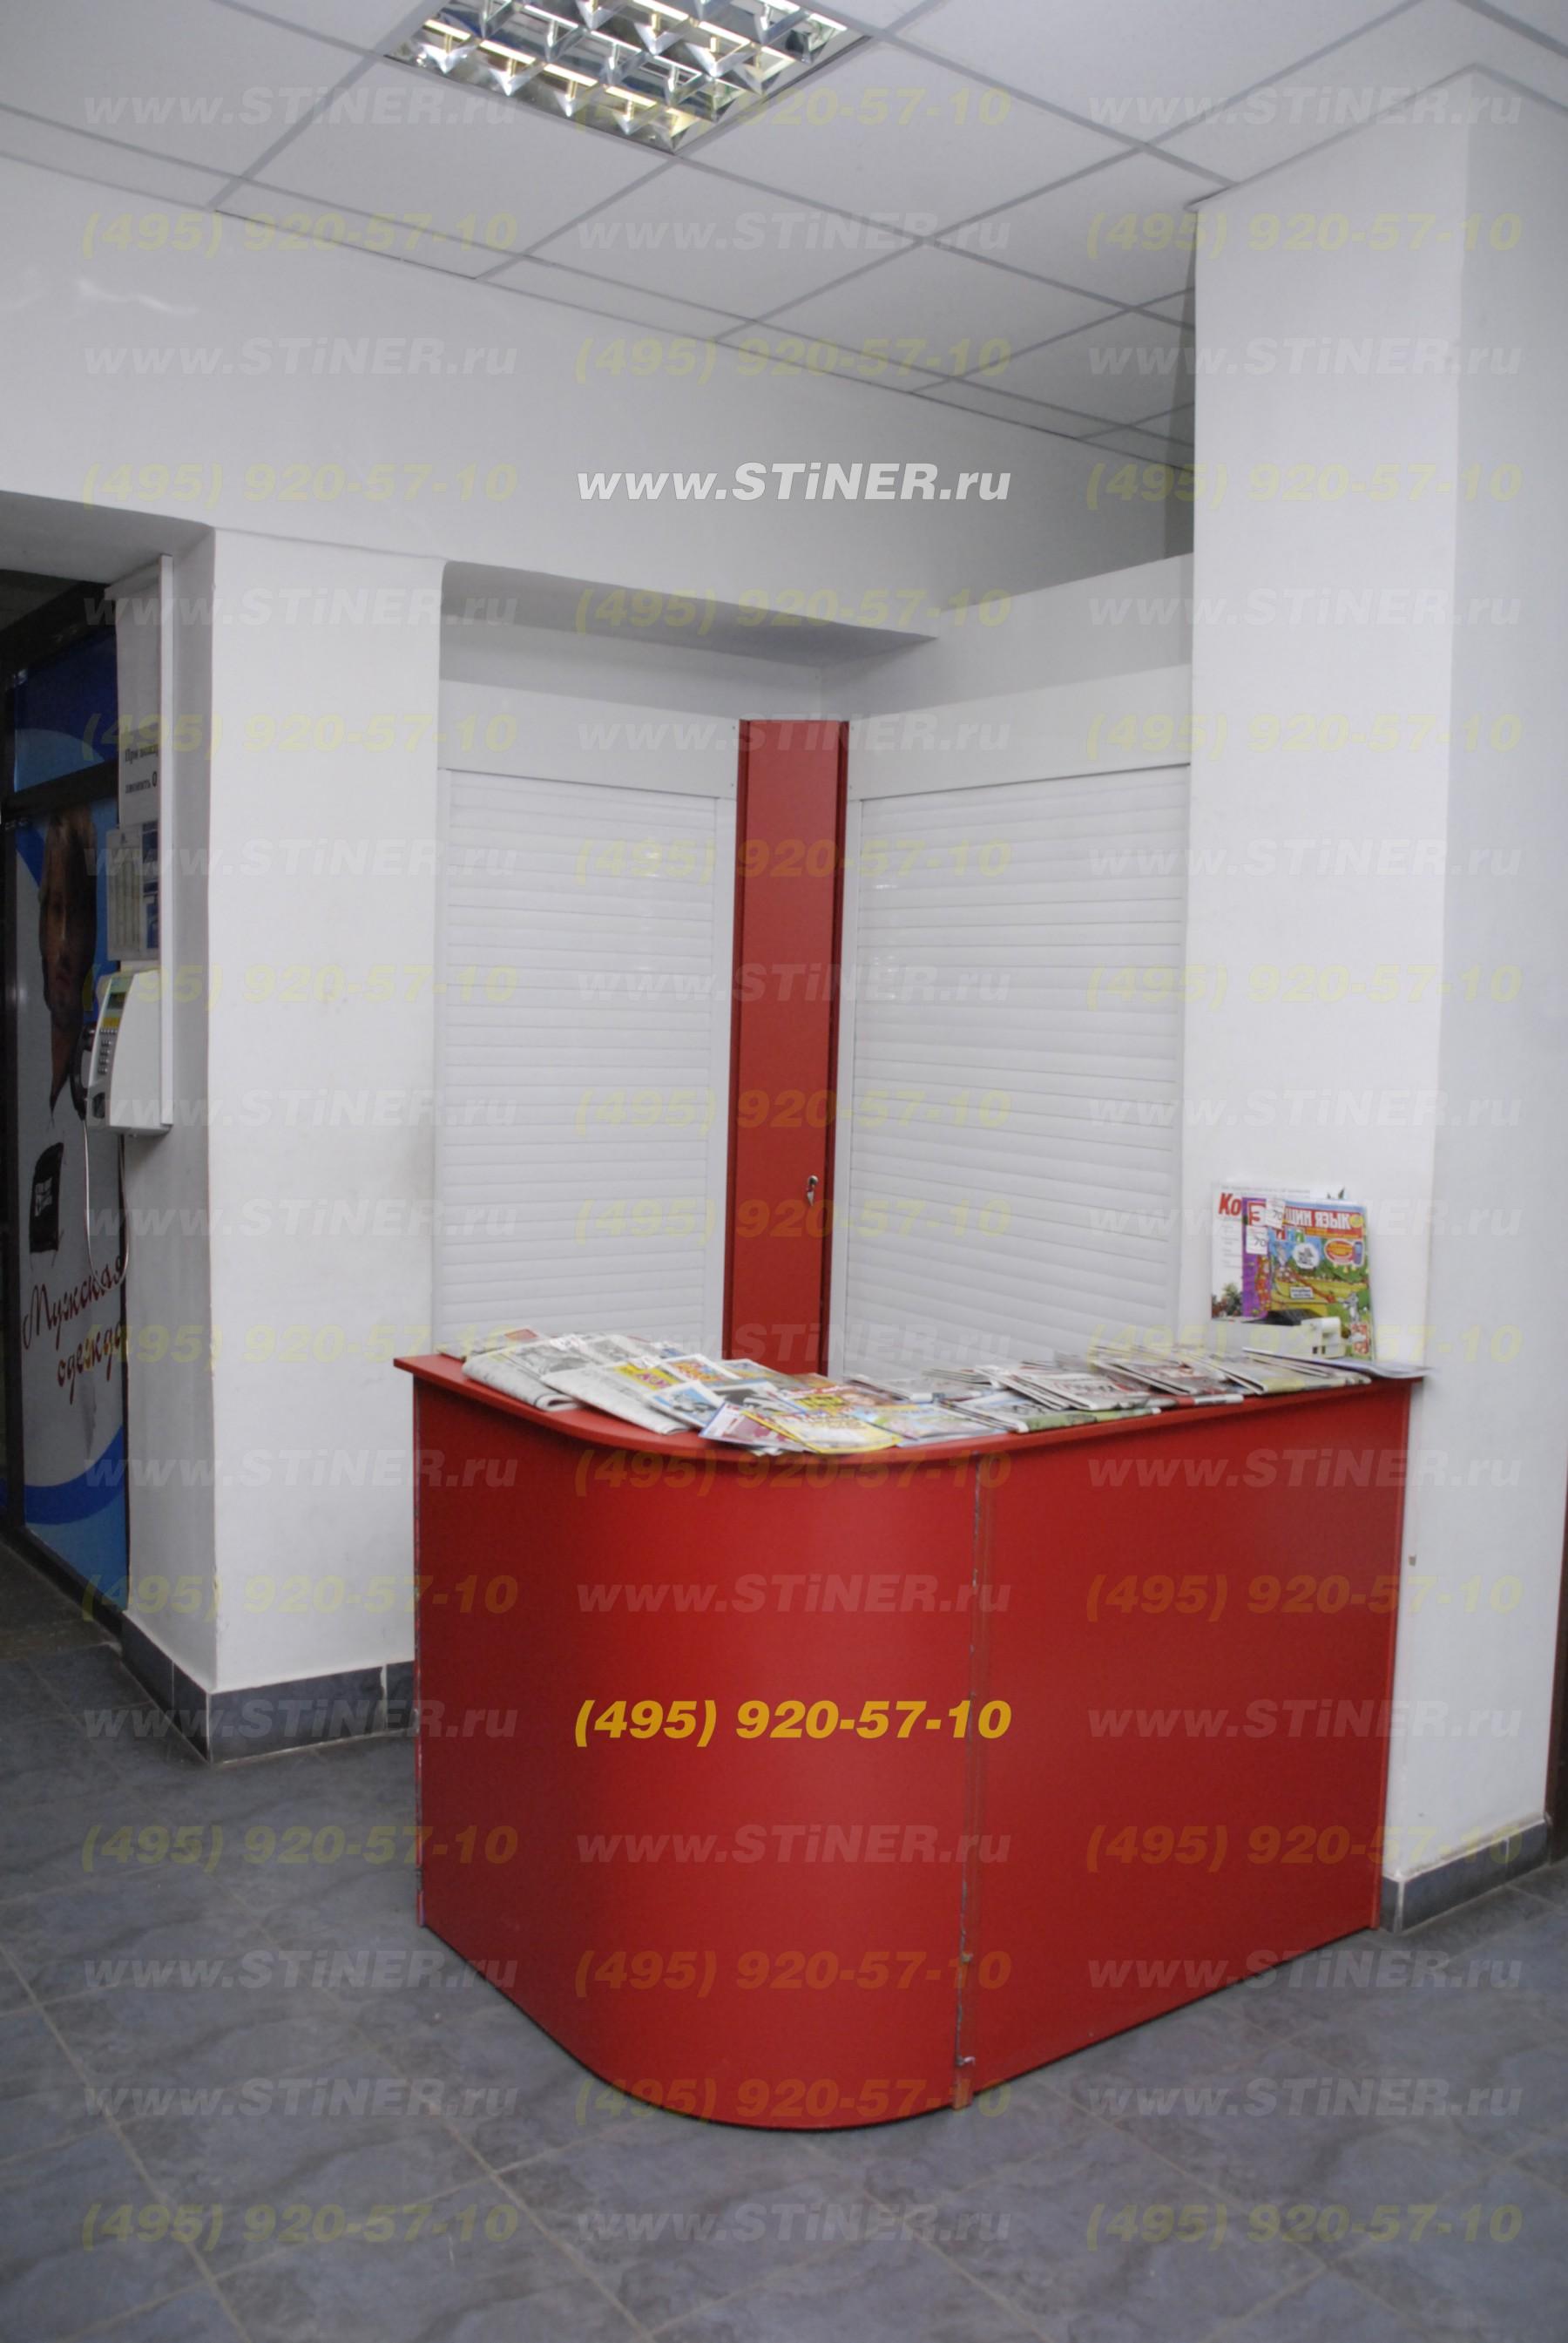 Мебельные роллеты эконом серии. Рольставни для торгового оборудования с установкой в Москве и Московской области, мебельные роллеты эконом серии